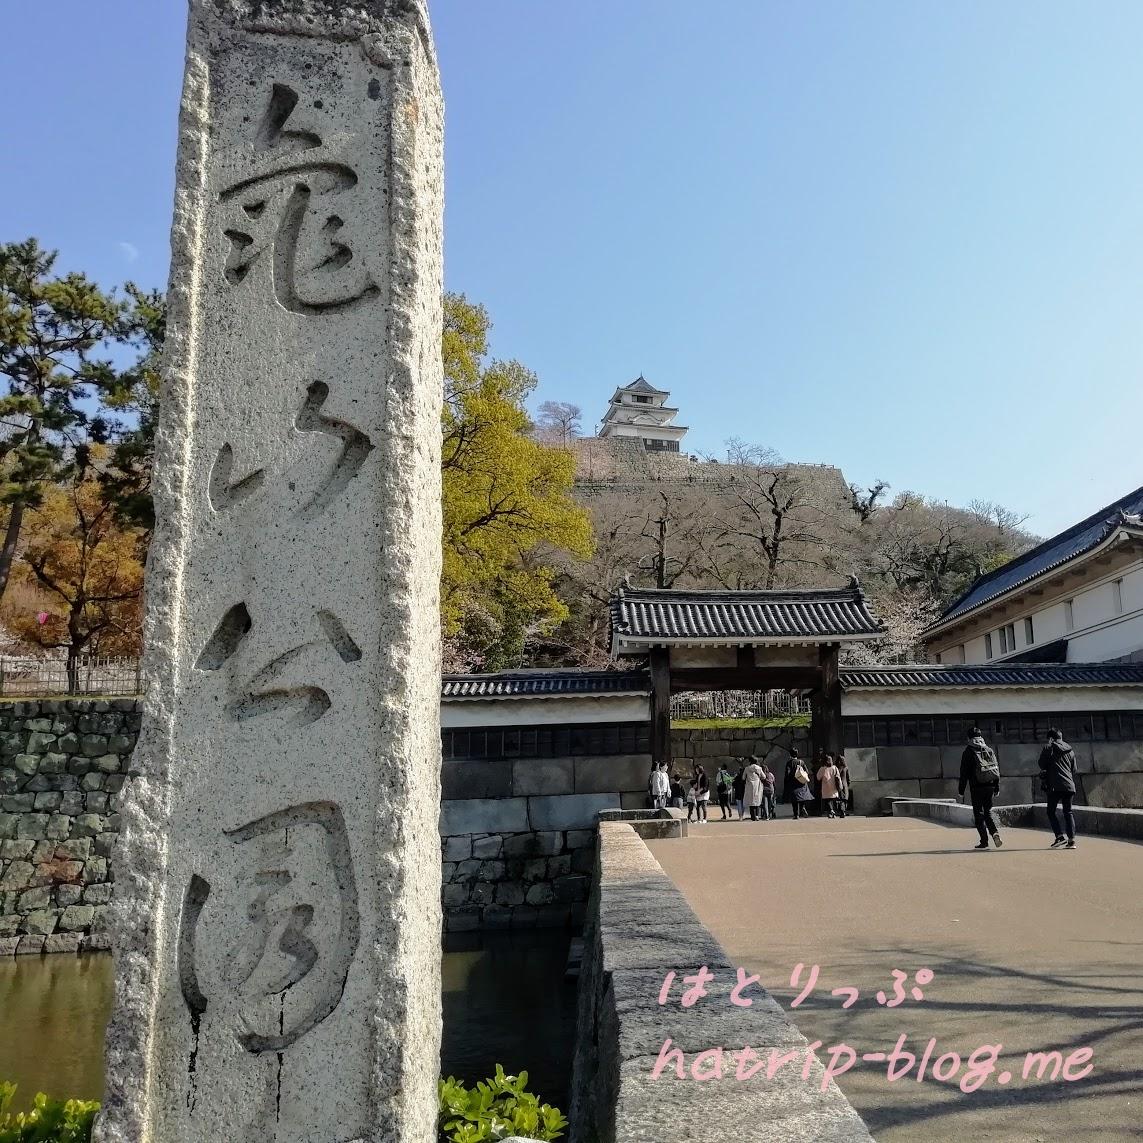 日本一 石垣 丸亀城 亀山公園